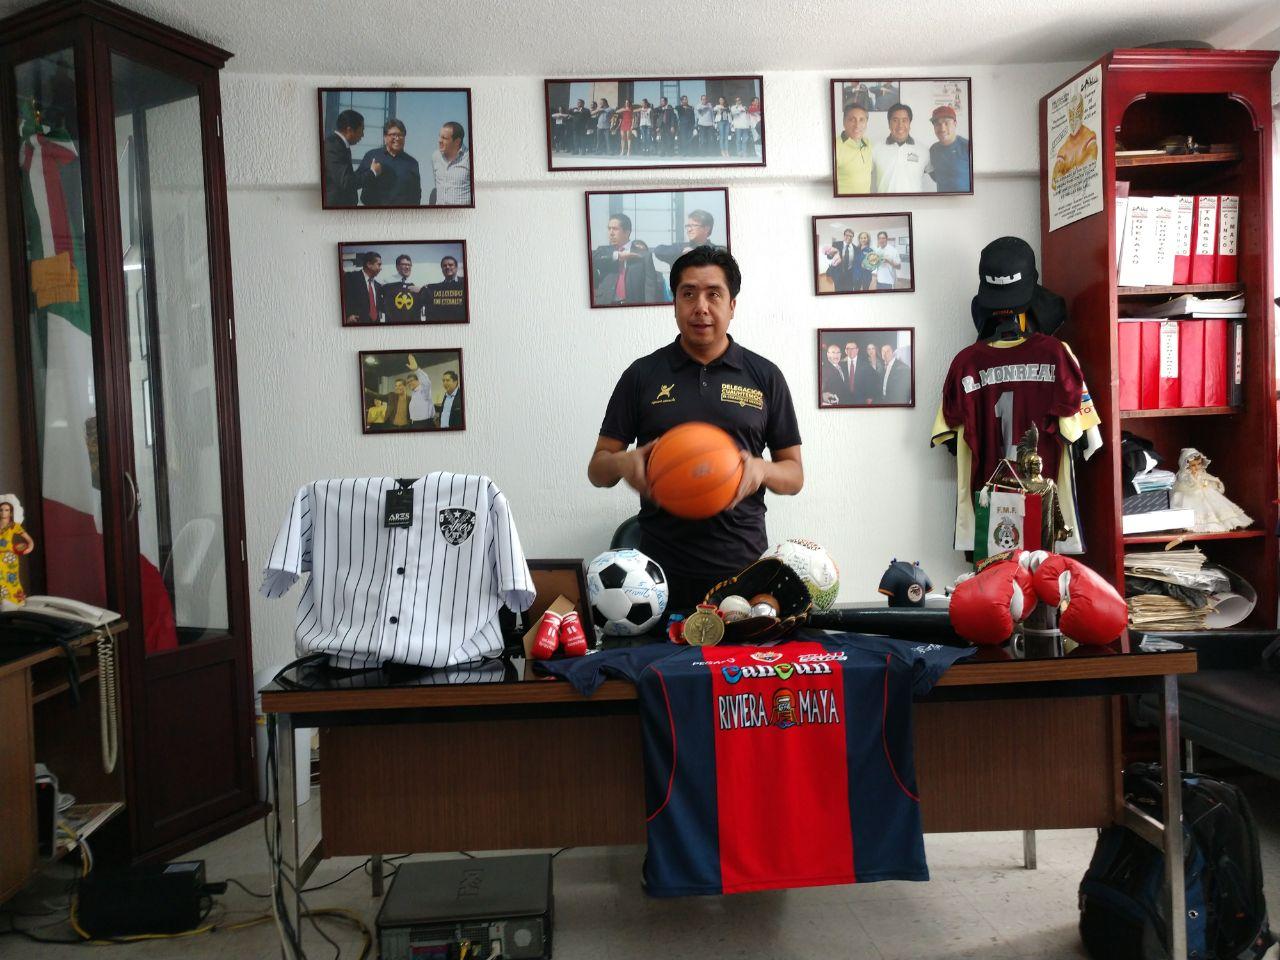 Lic. Héctor García Antonio subdirector de deporte  en la Delegación Cuauhtémoc 3